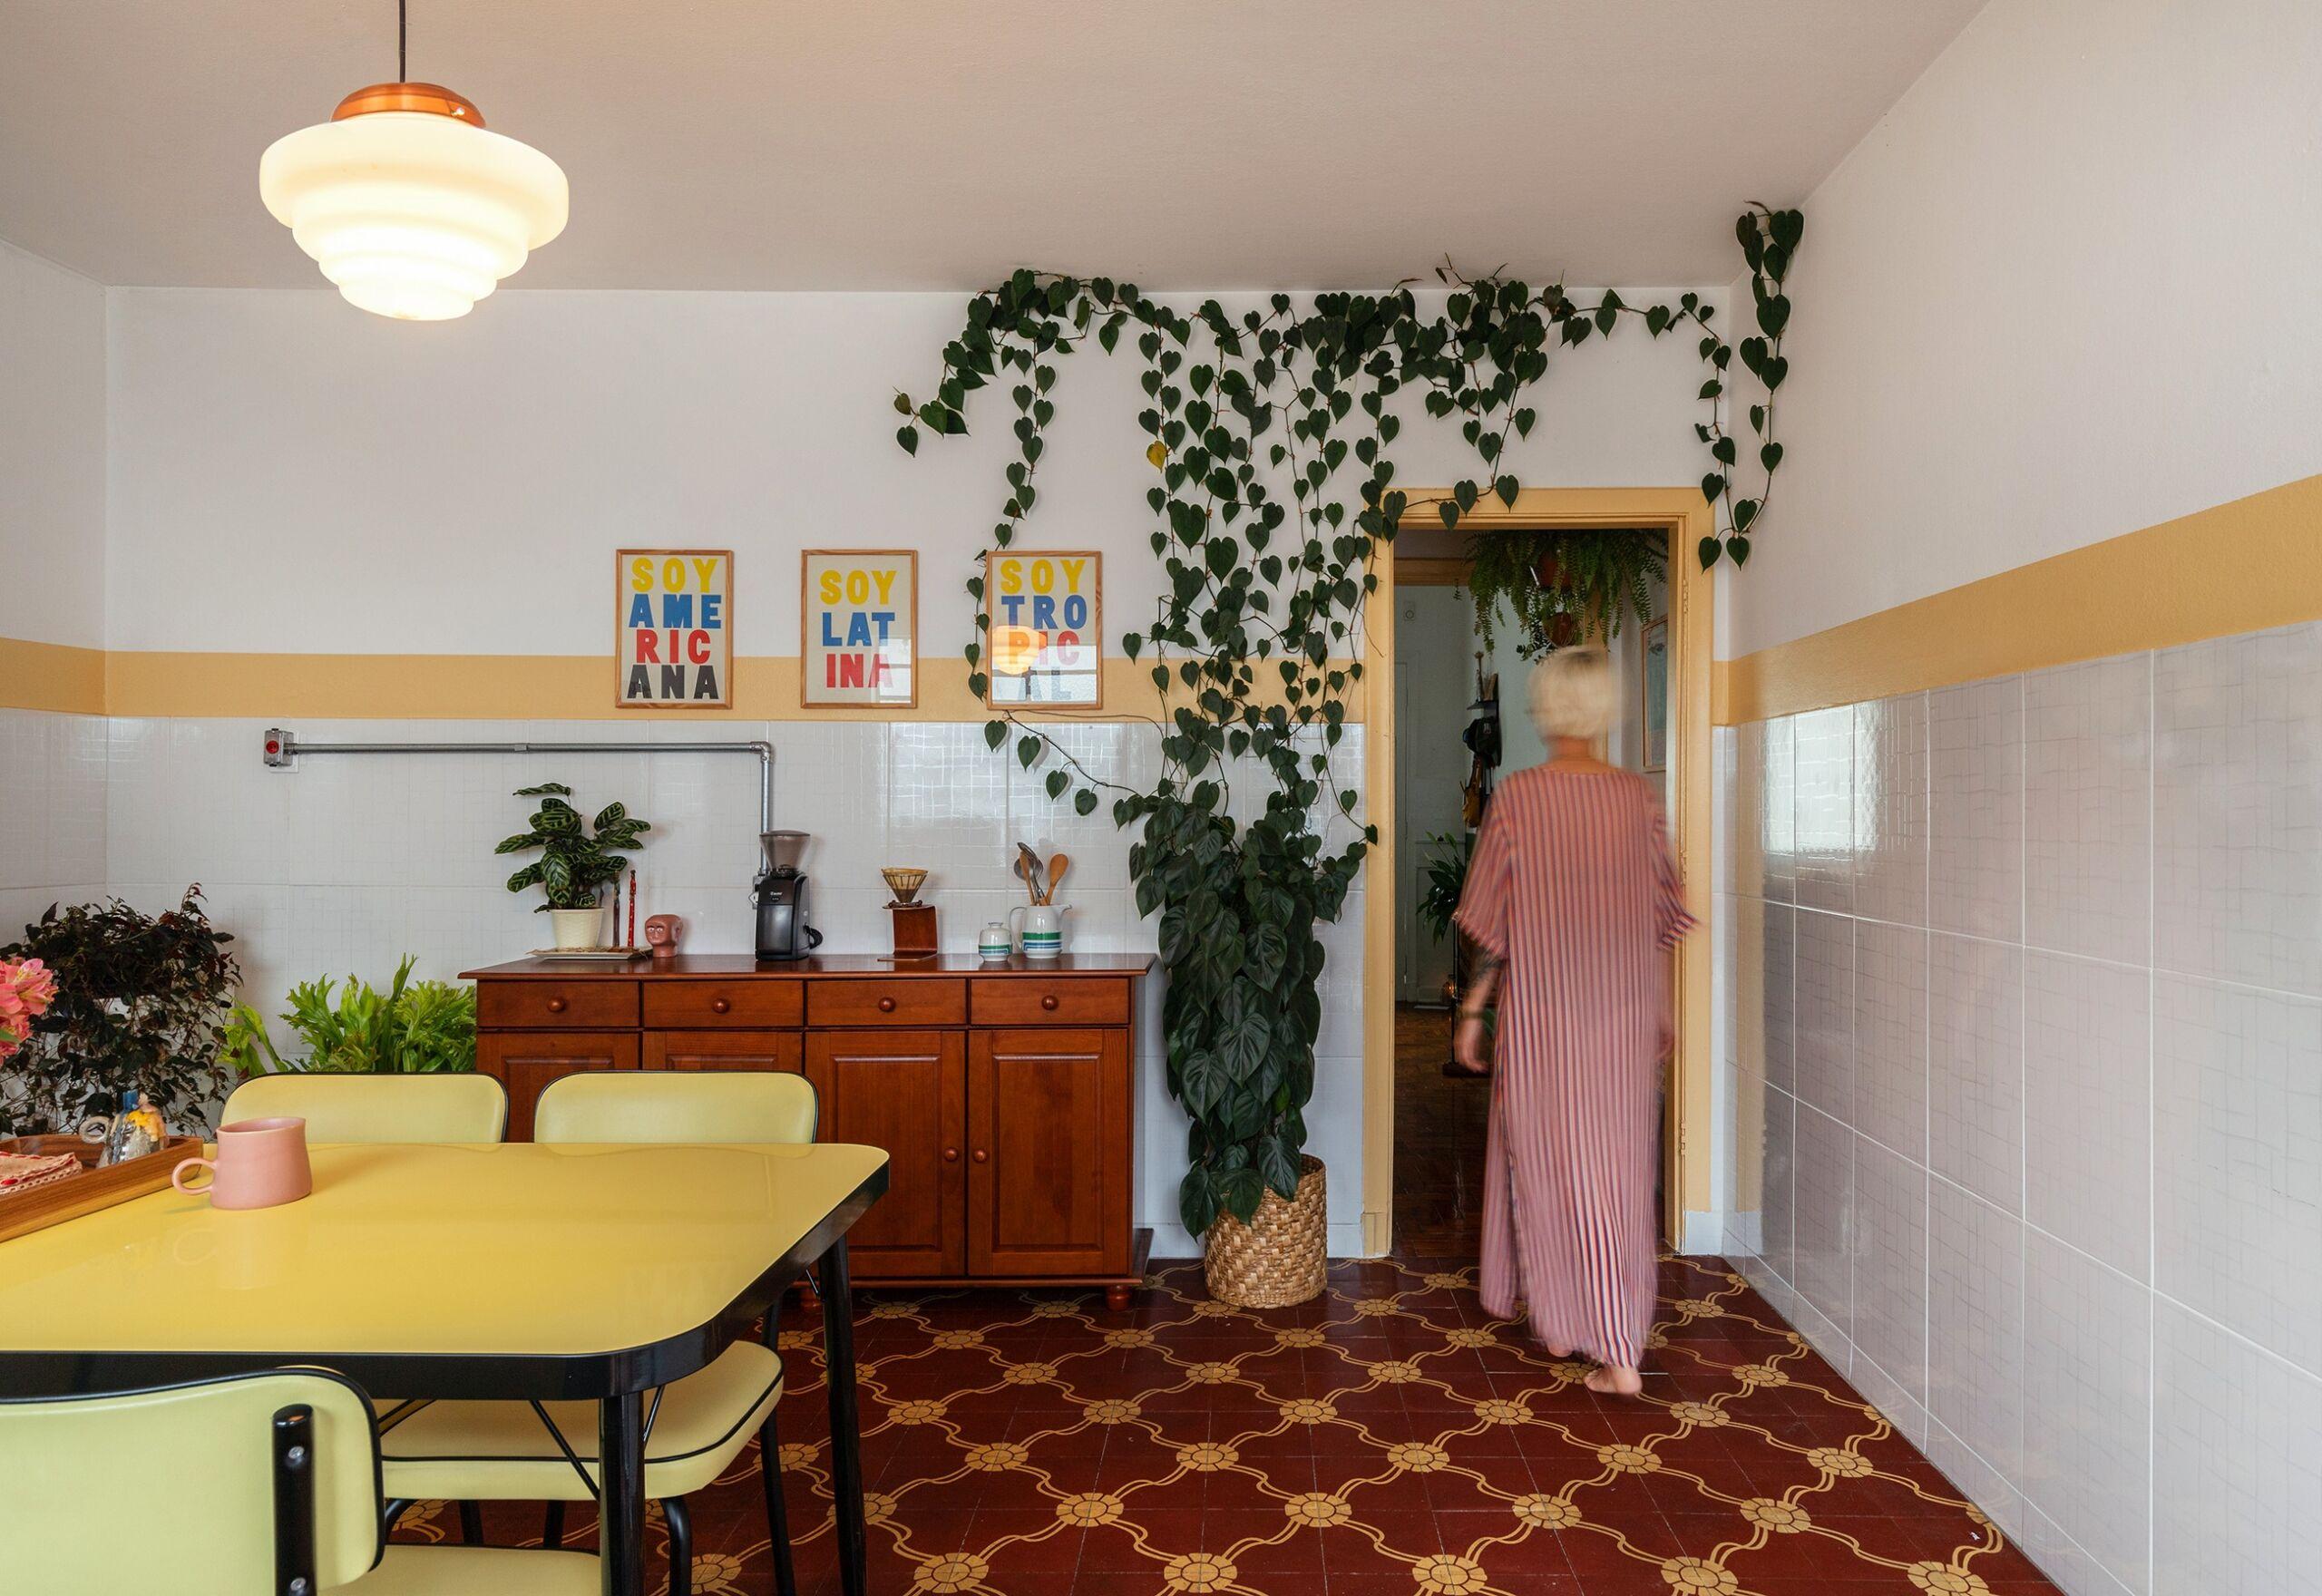 cozinha com plantas e piso antigo